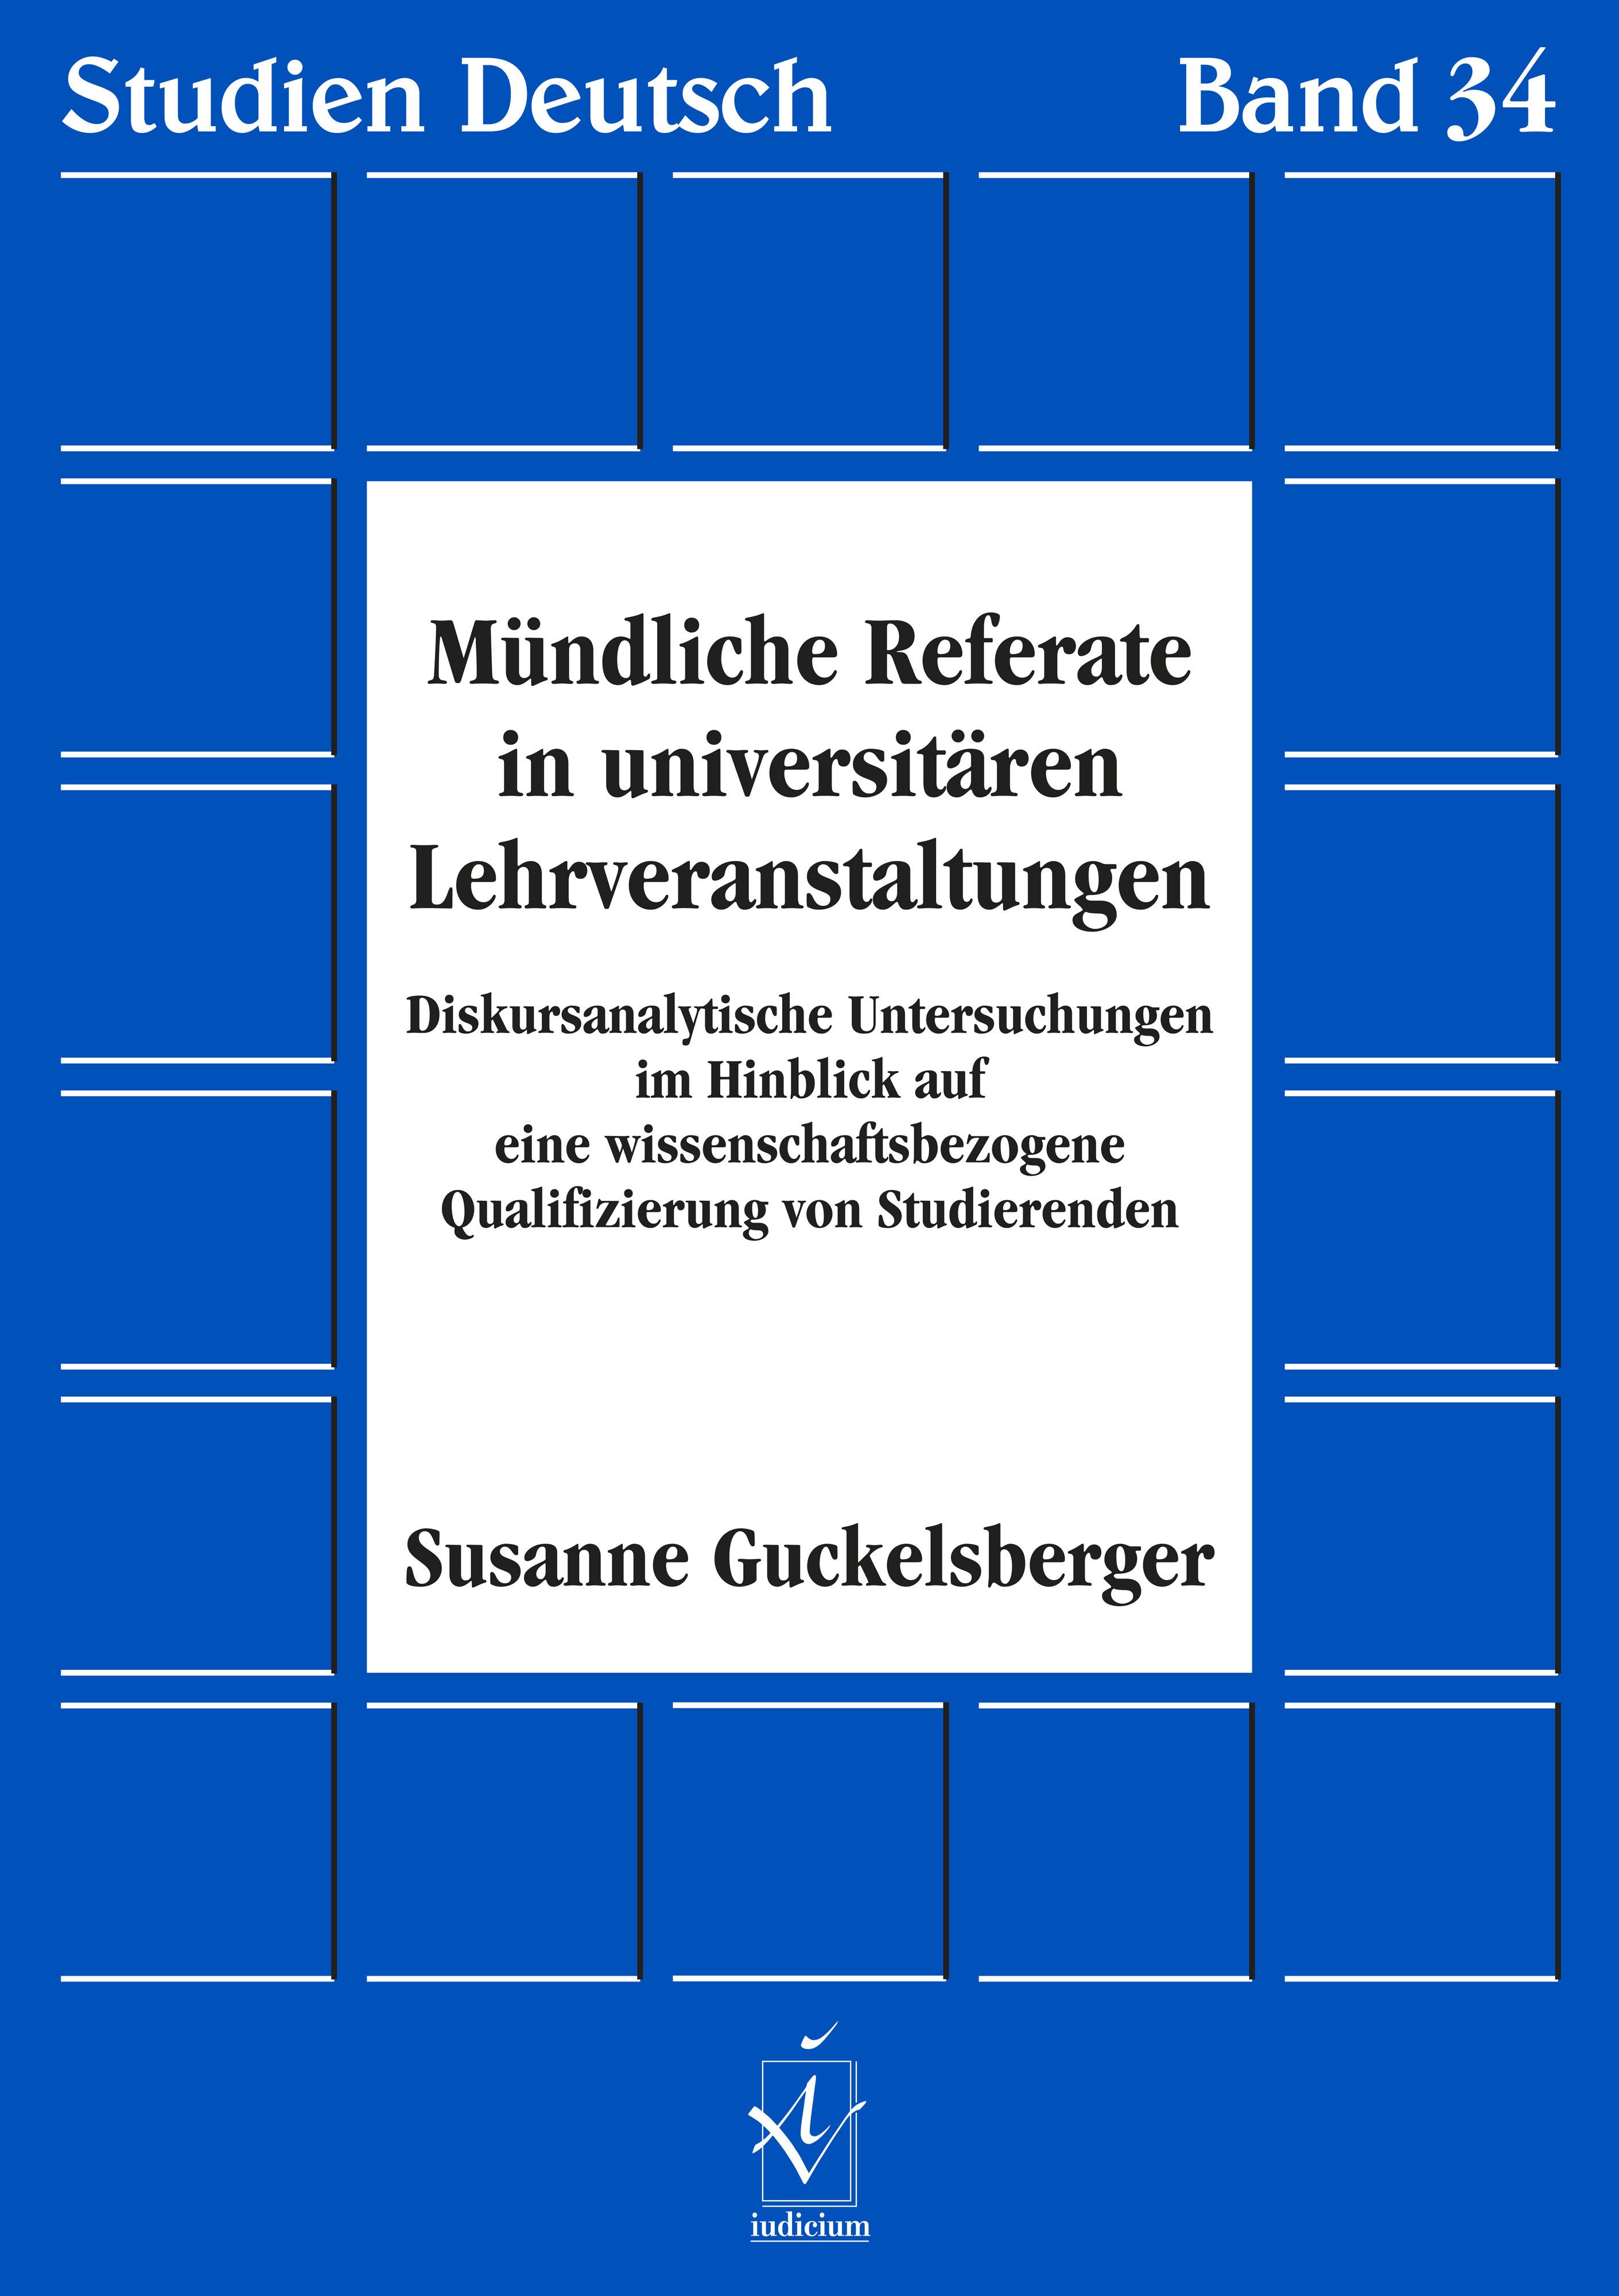 Mündliche Referate in universitären Lehrveranstaltungen Susanne Guckelsberg ...